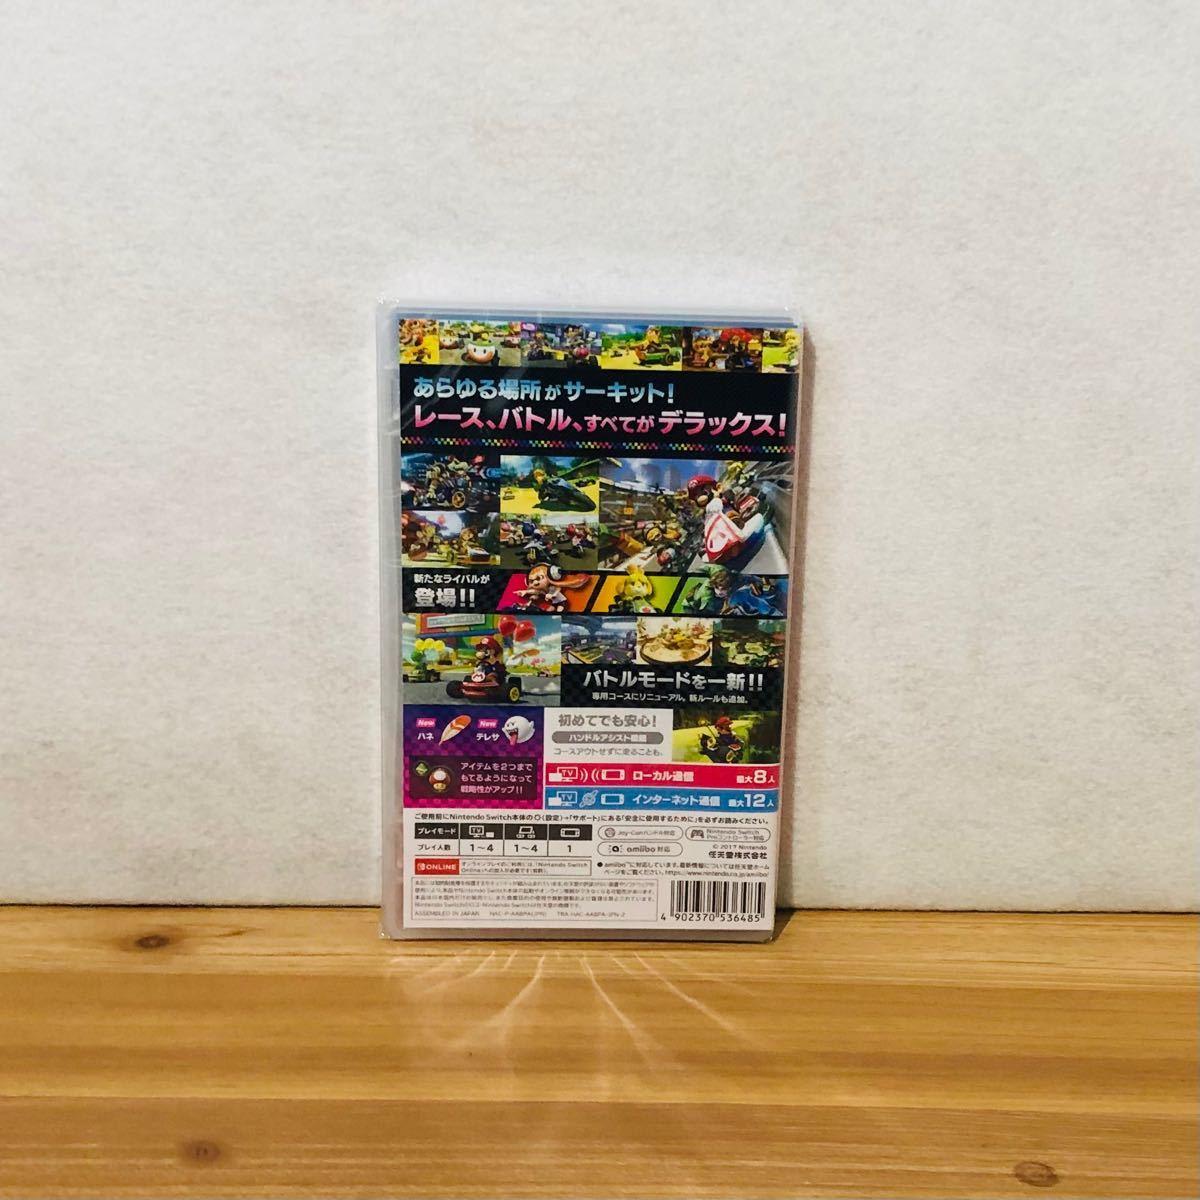 マリオカート8 デラックス パッケージ版 新品未開封